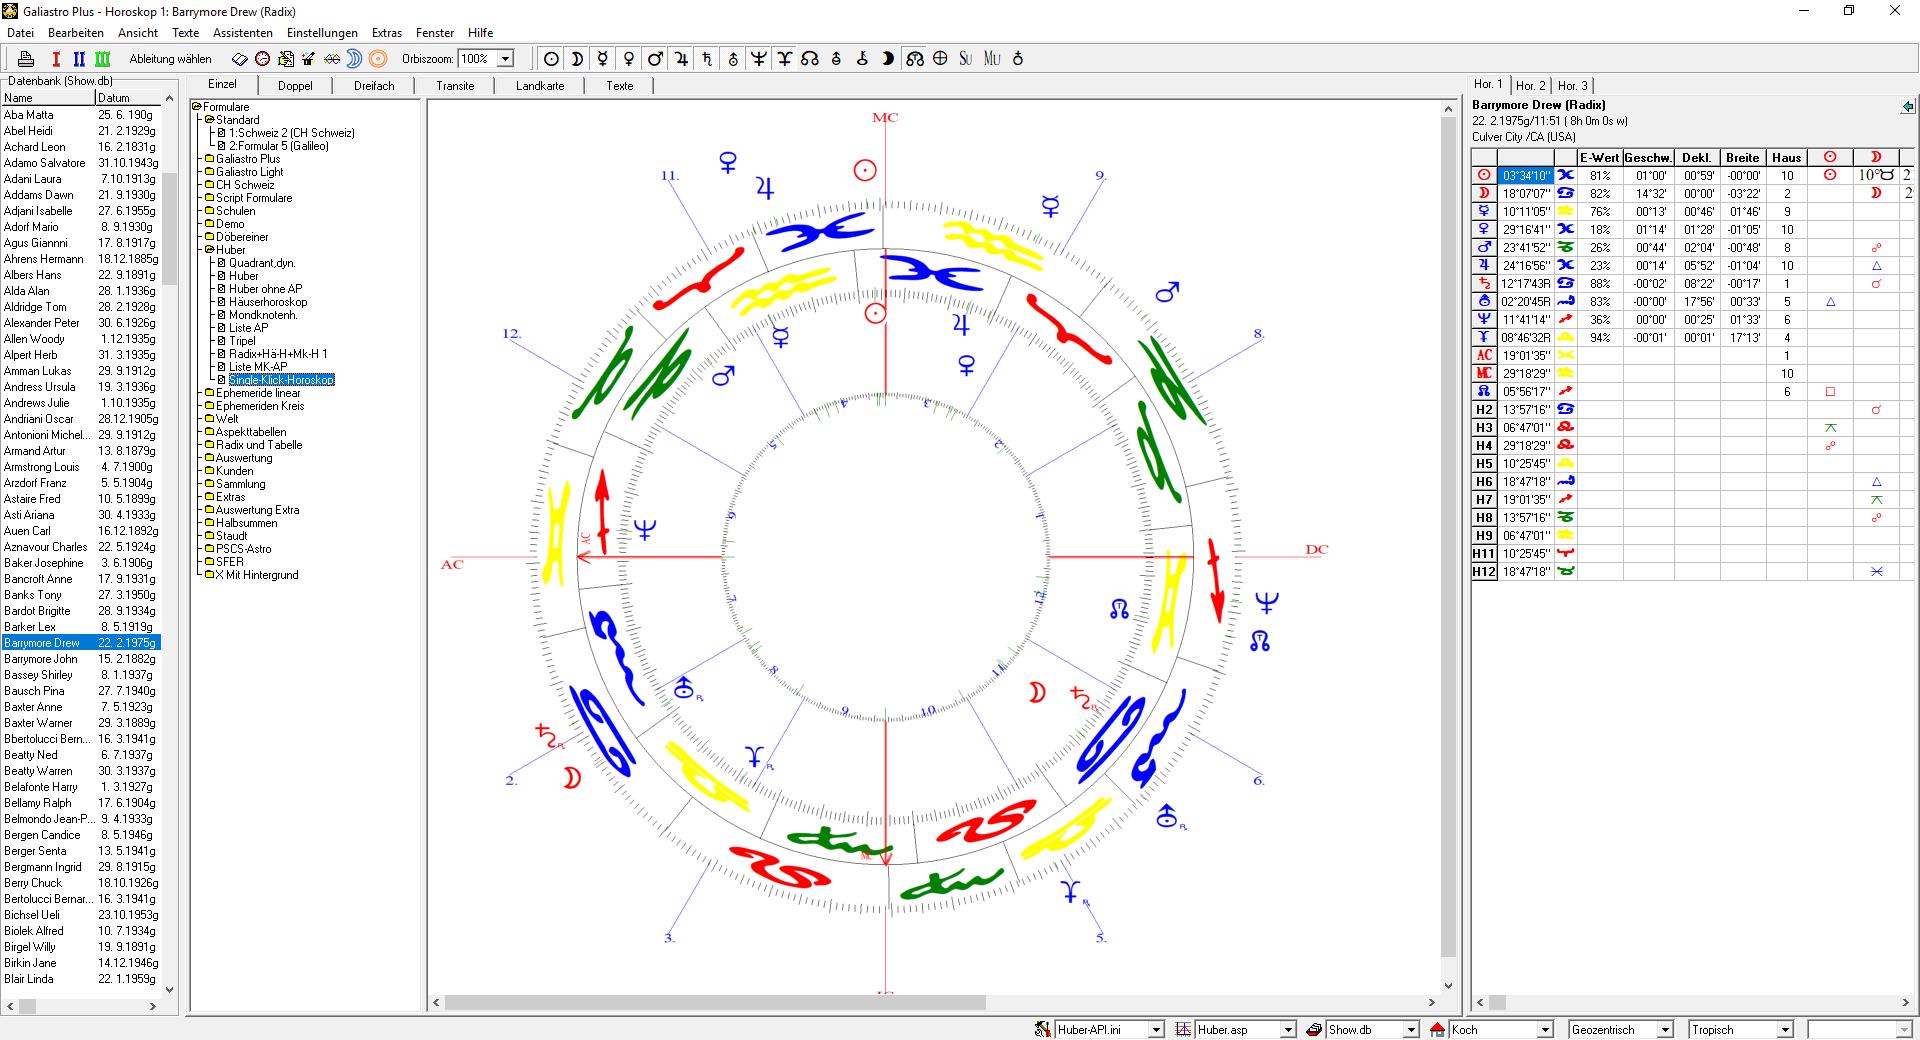 Single-Klick-Horoskop nach Huber